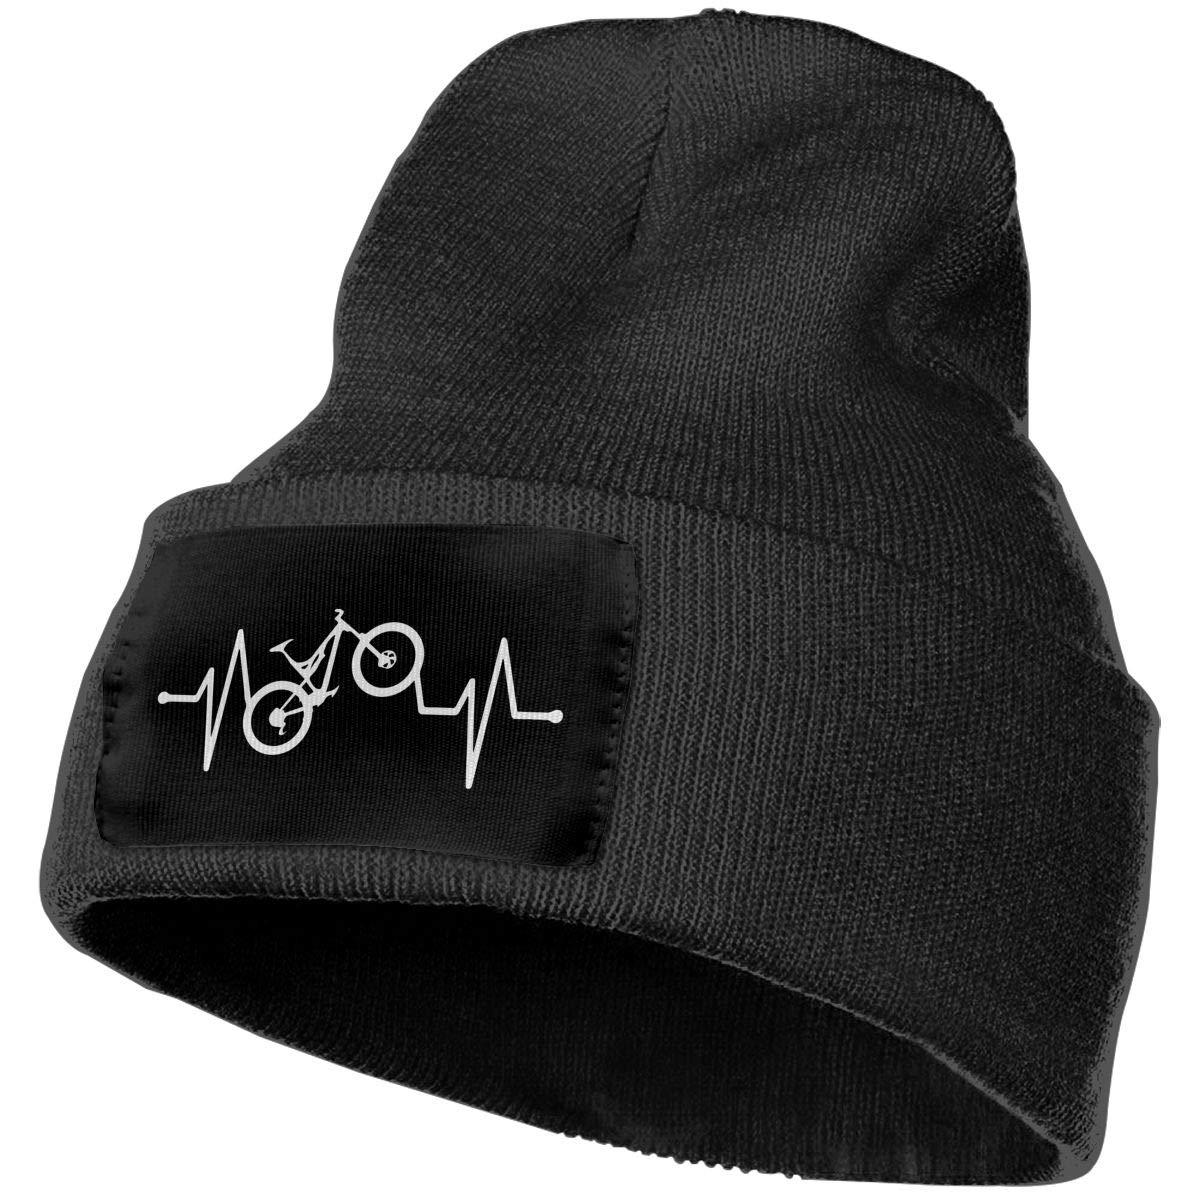 Men//Women Mountain Bike Heartbeat Outdoor Warm Knit Beanies Hat Soft Winter Skull Caps